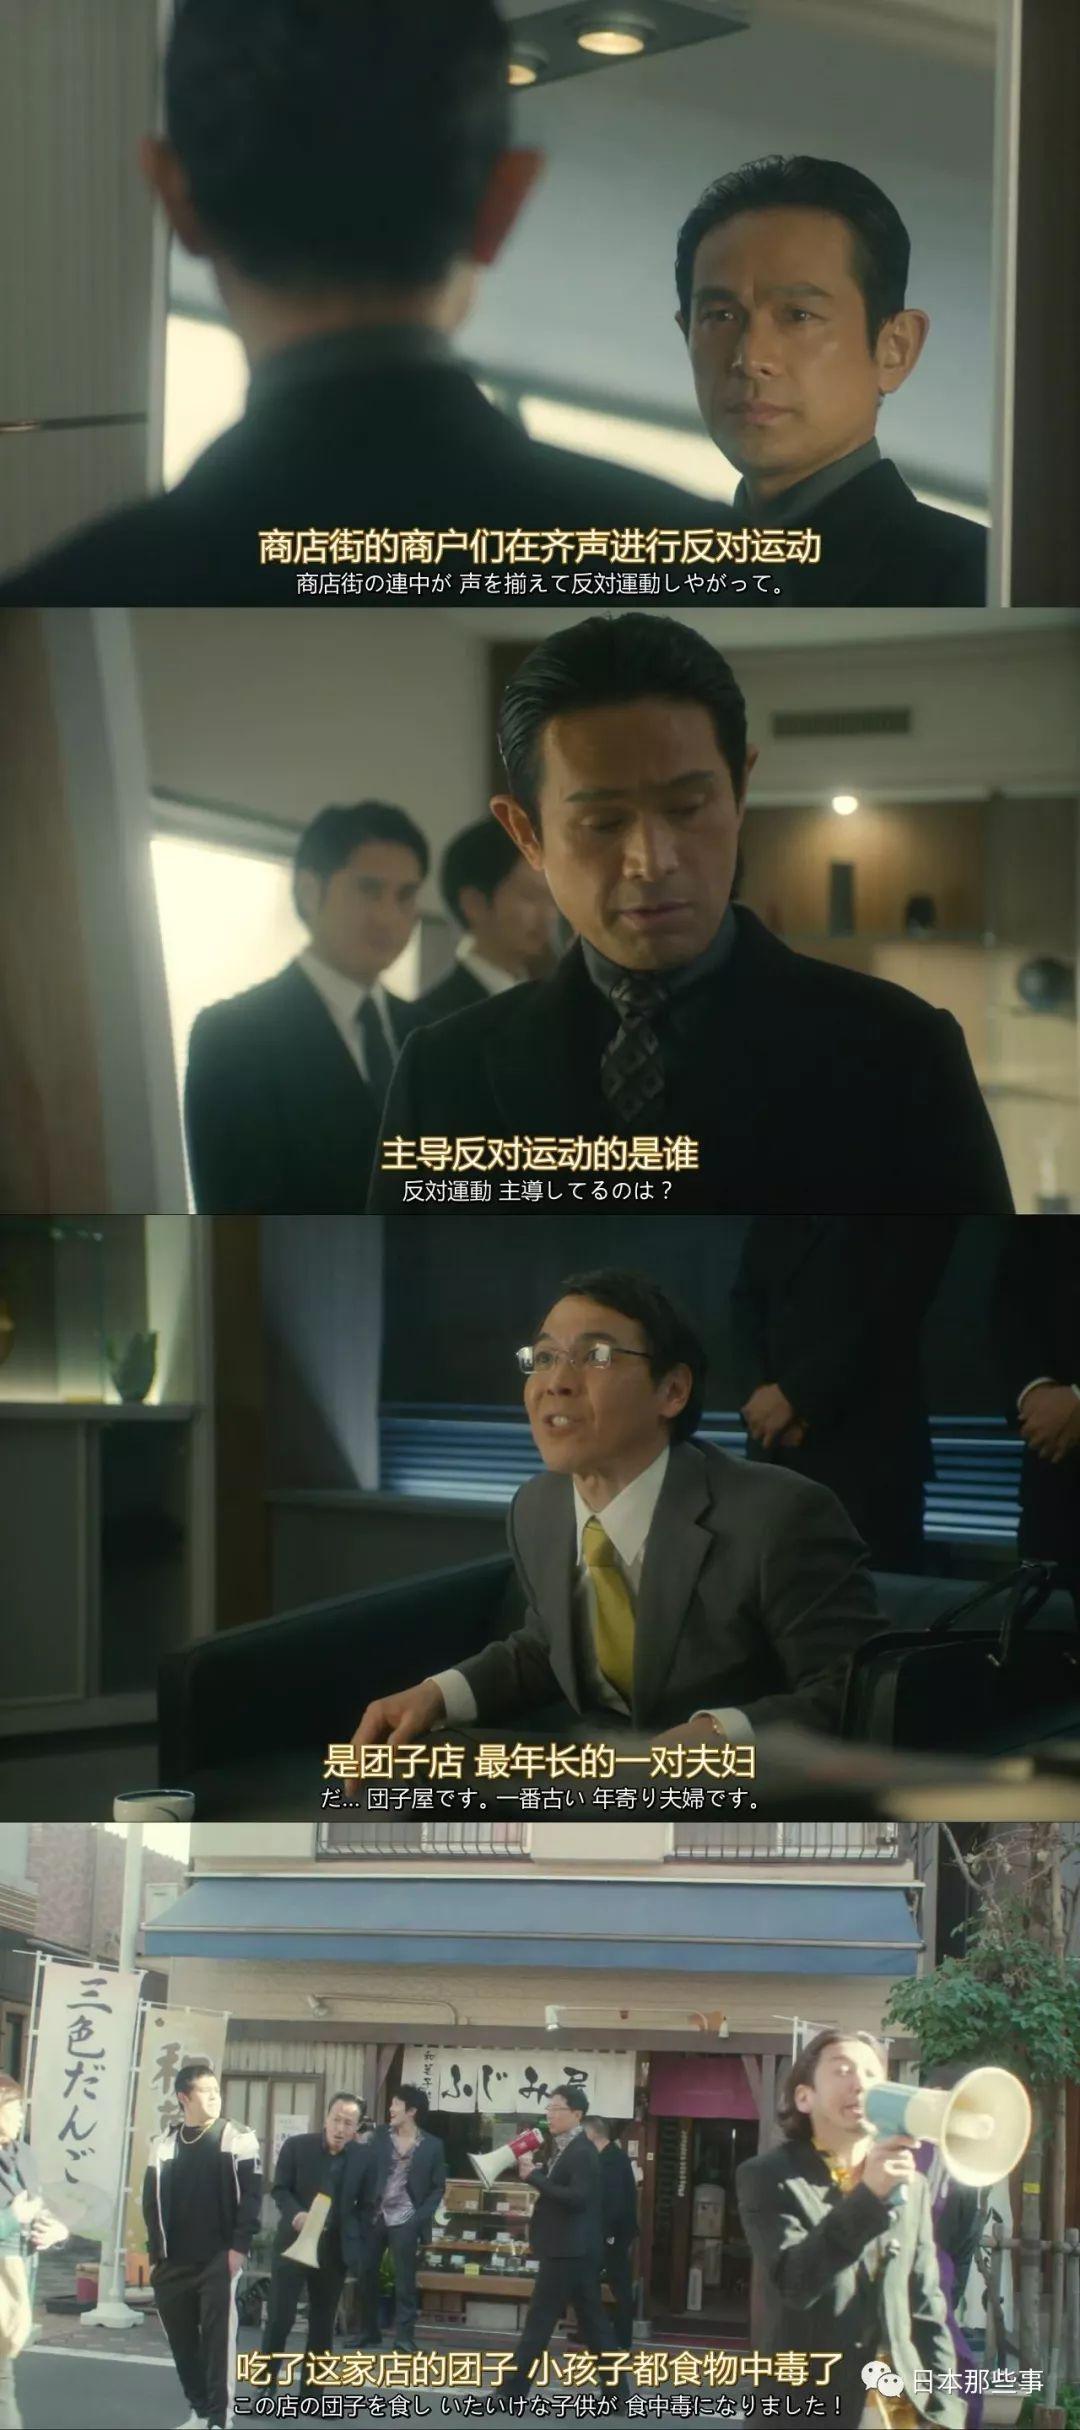 长泽雅美为《草食男之桃花期》吝啬献胸 男方色父亲畏惧